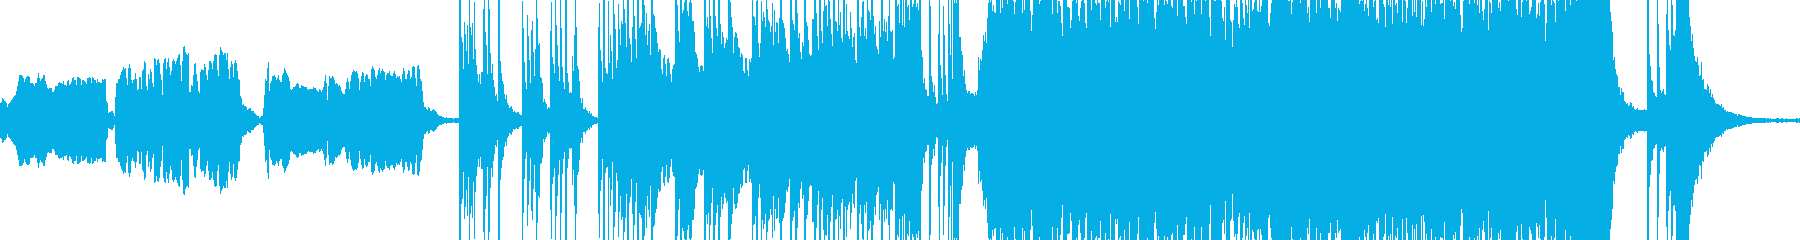 パーカッシブな民族的 和風曲ループの再生済みの波形